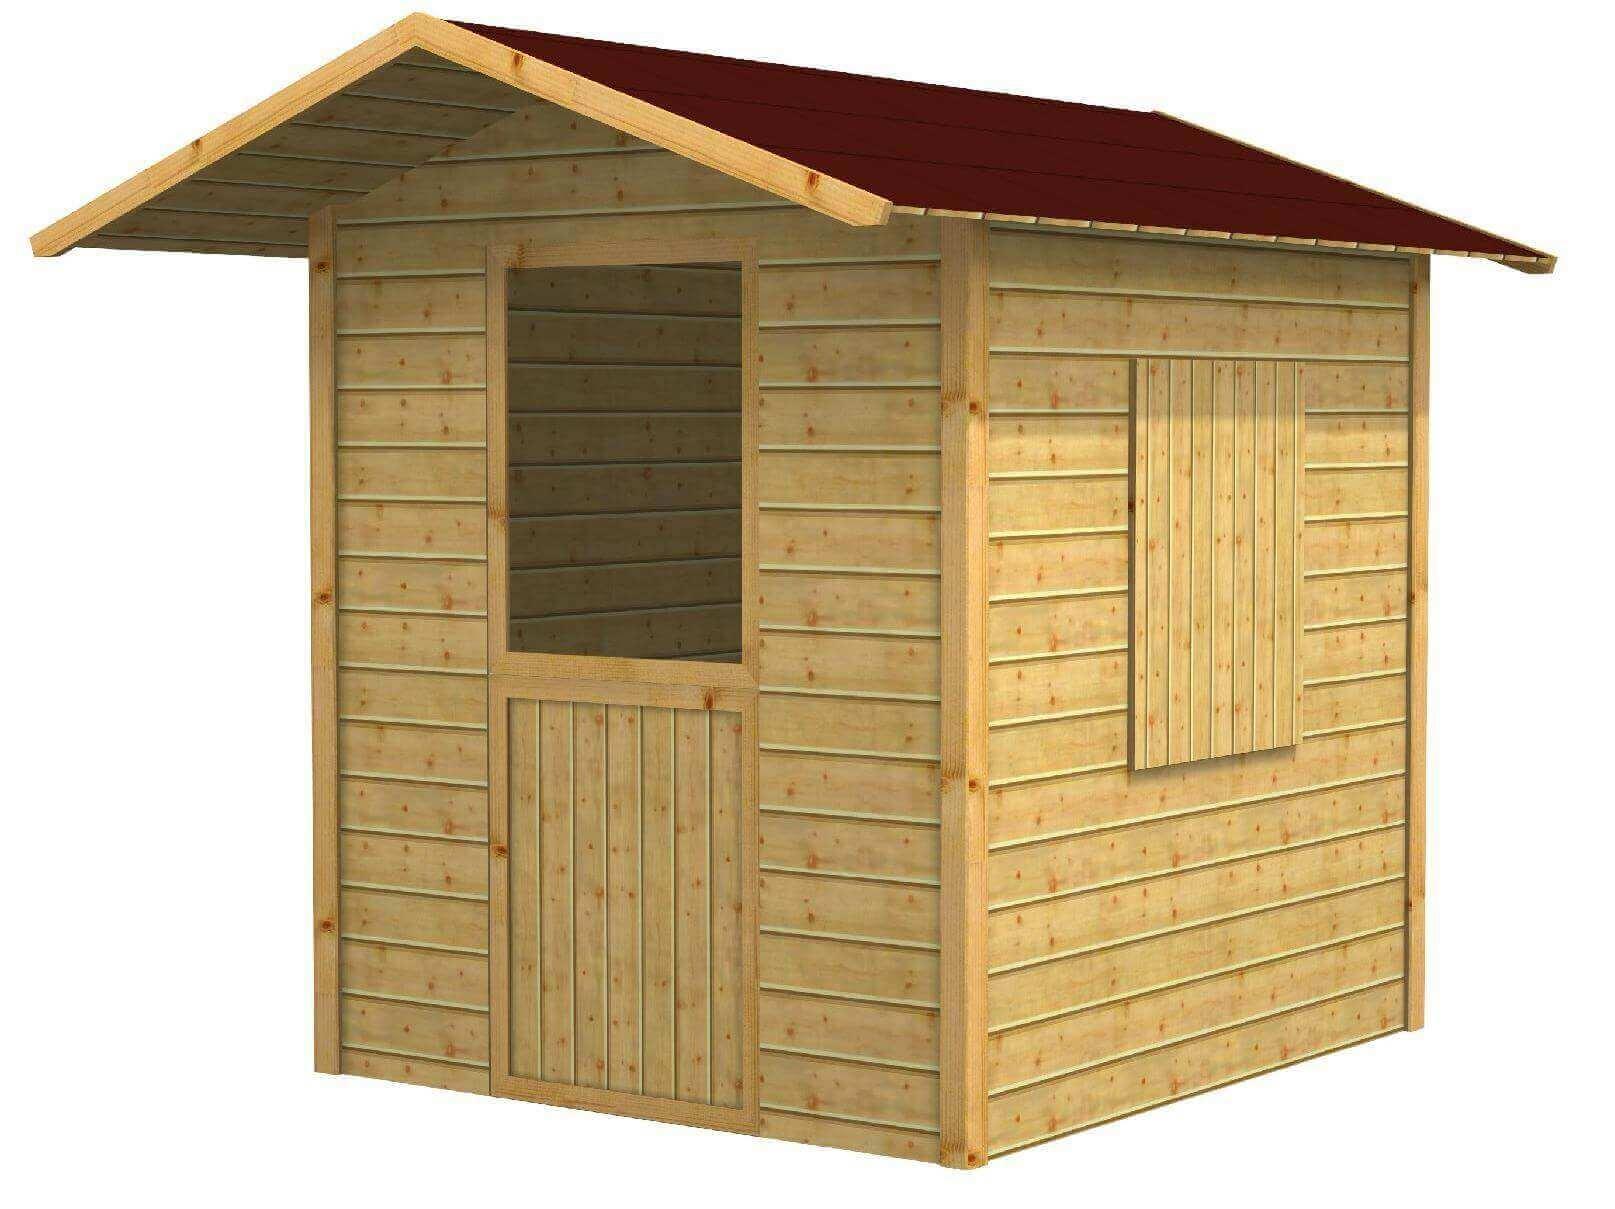 Casette per bambini casetta per bambini in legno modello for Casetta per bambini ikea